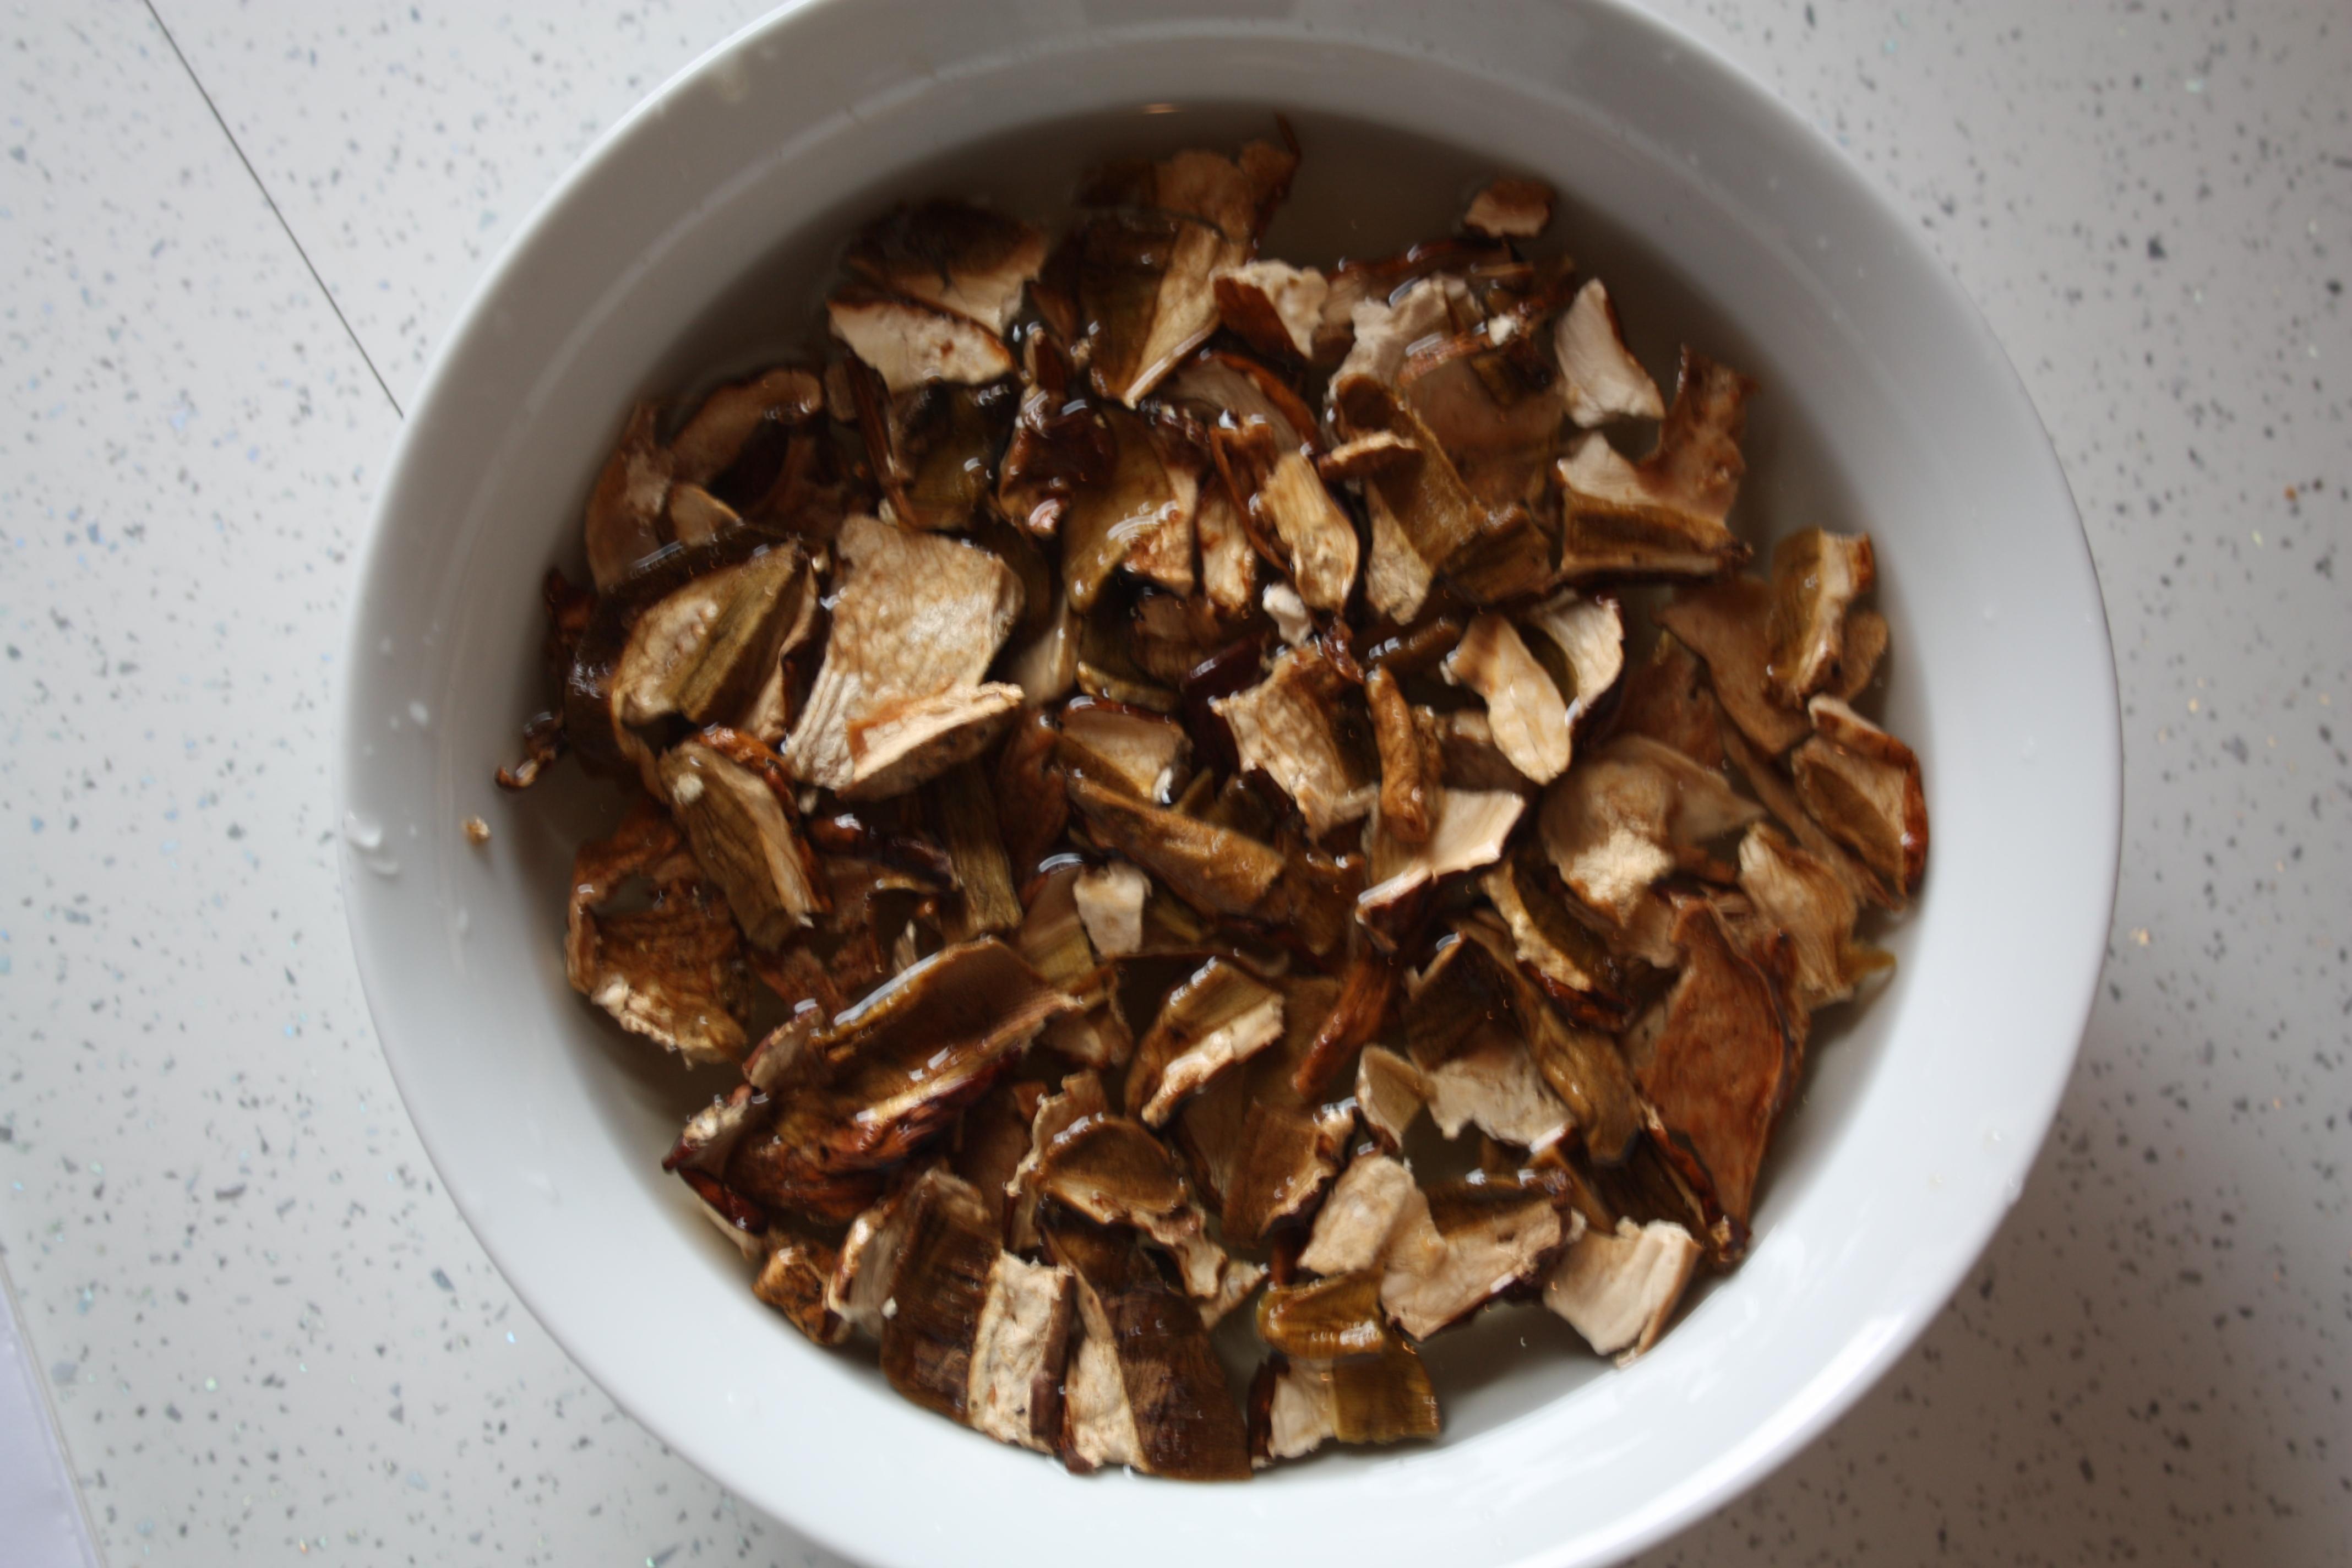 Risotto ai funghi porcini secchi - Funghi secchi a bagno ...